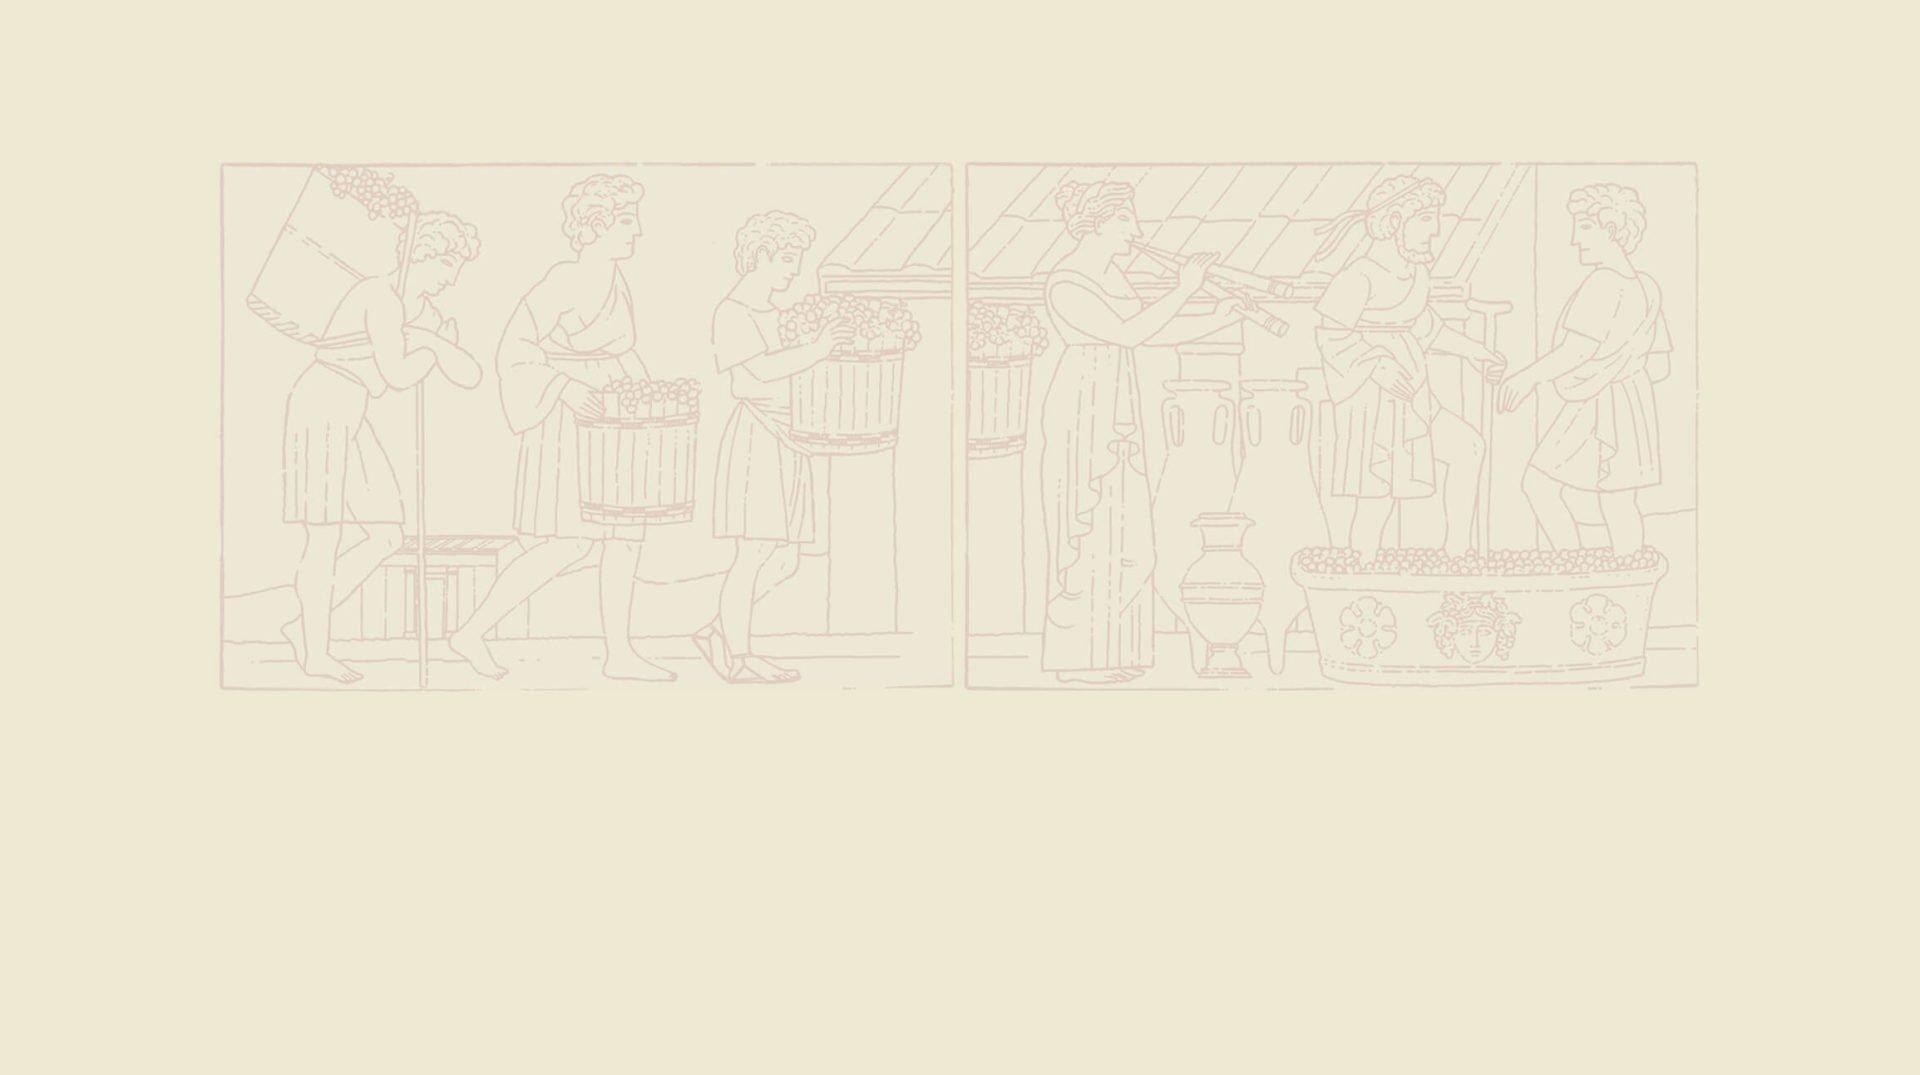 diseño-vino-ribera-duero-etiqueta-mosaico-romano-bodegas-familia-chavarri